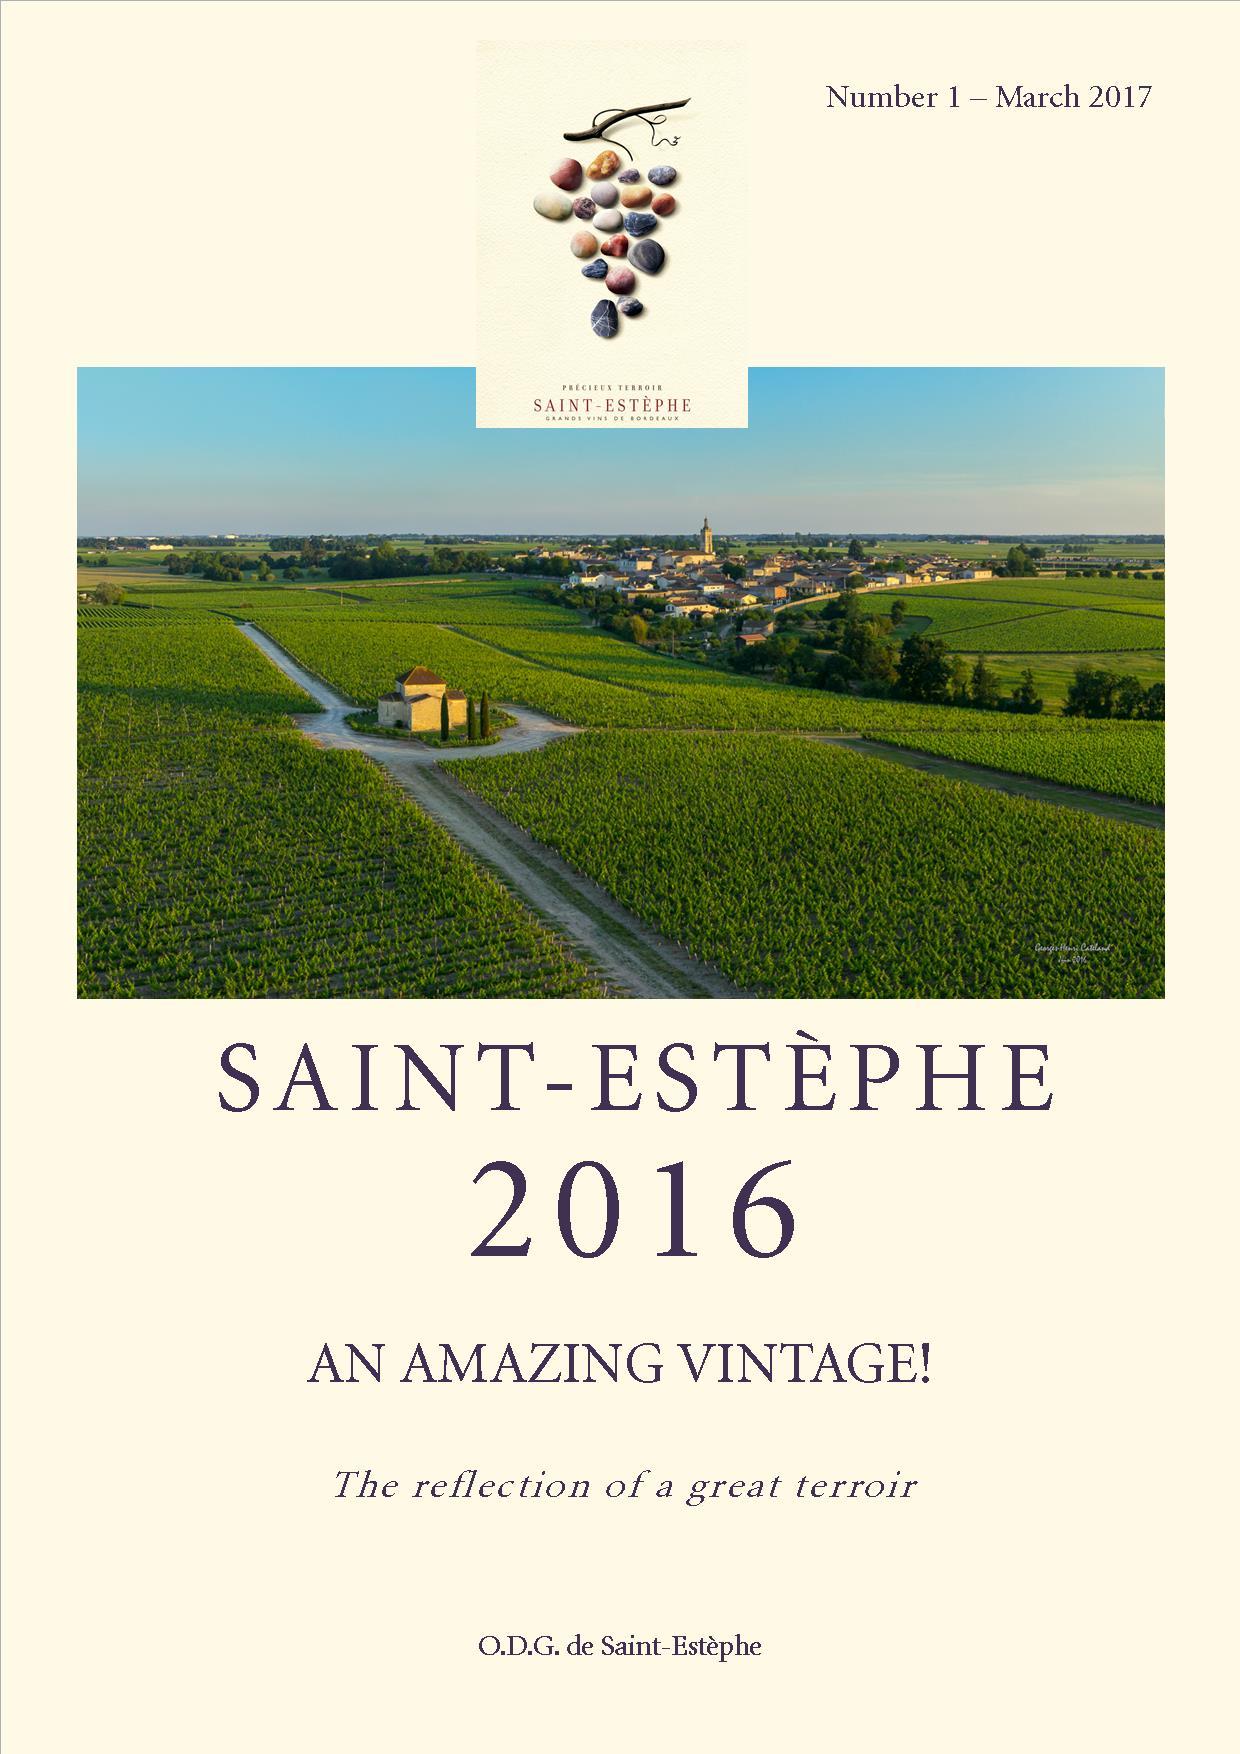 2016 Saint-Estèphe vintage report